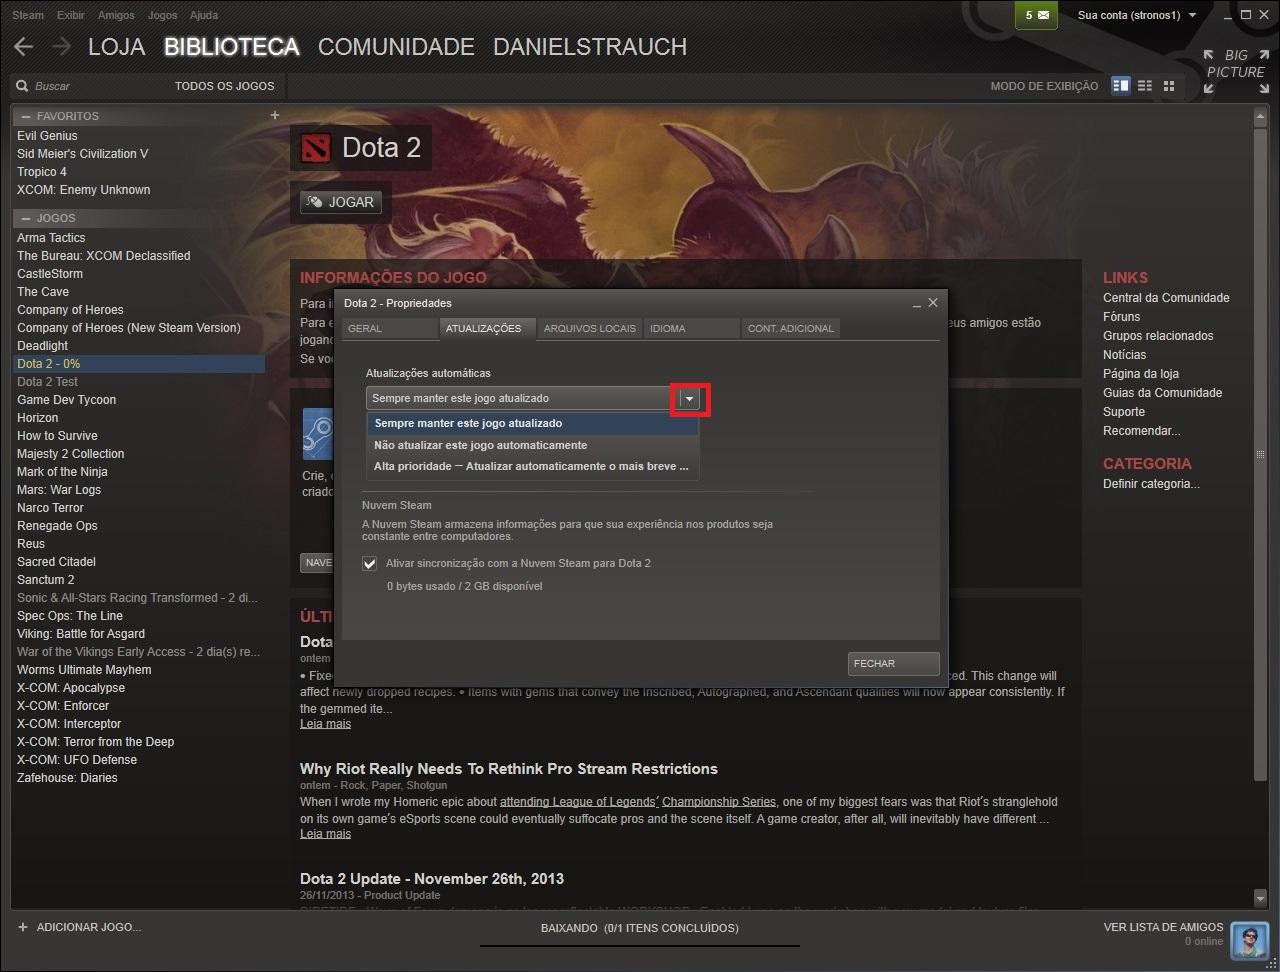 Clique no comando indicado para configurar a prioridade da atualização automática do game (Foto: Reprodução/Daniel Ribeiro)